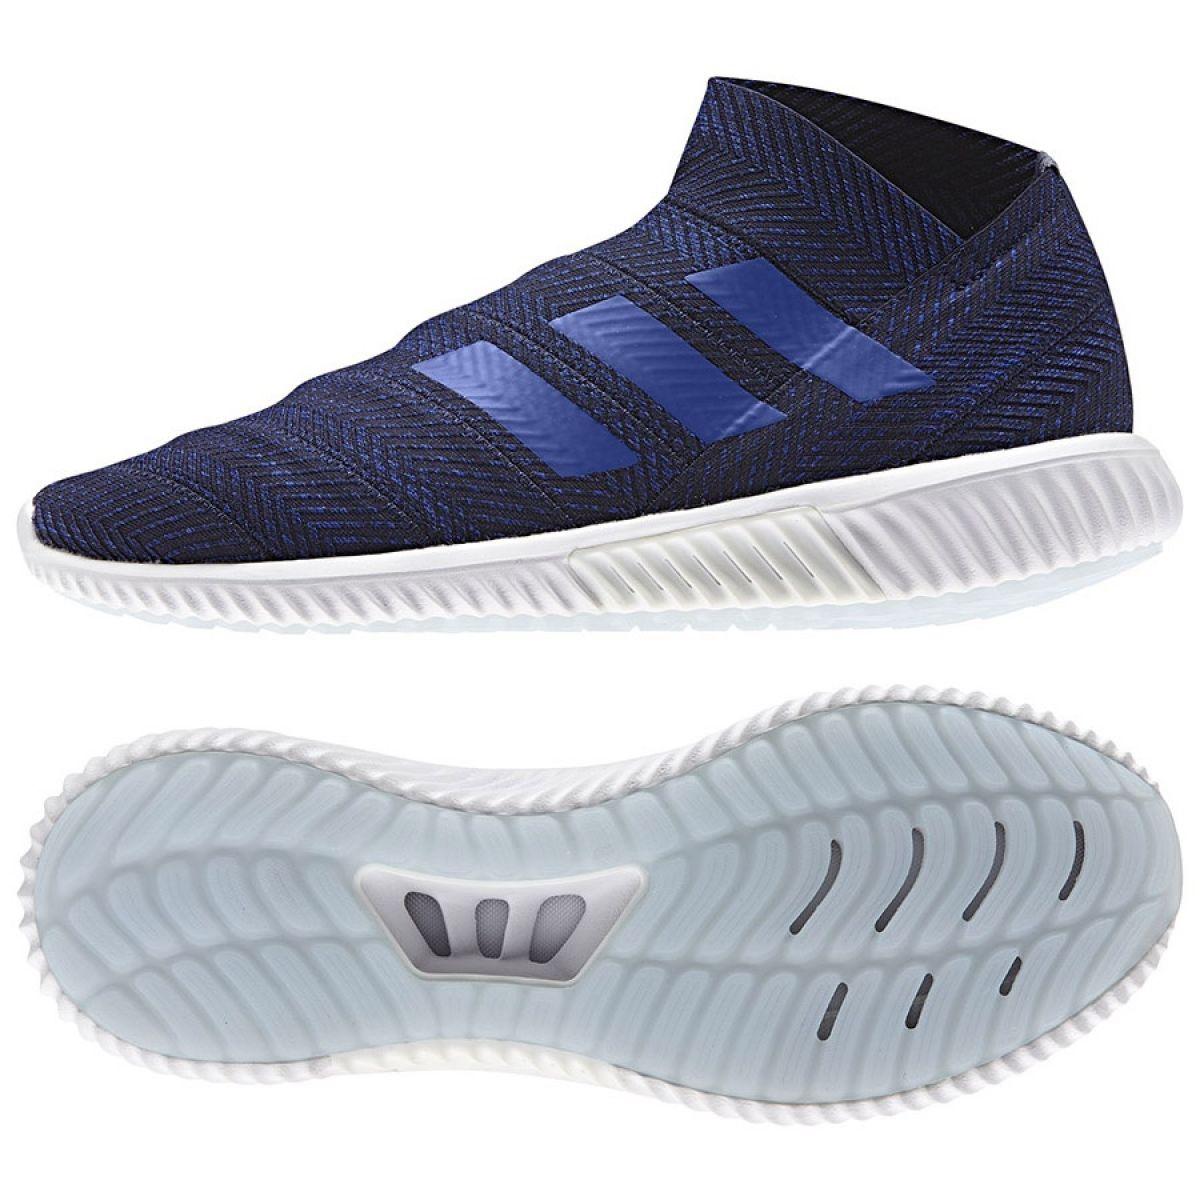 Sapatos de interior adidas Nemeziz 18.1 Tr M D98018 marinha azul marinho